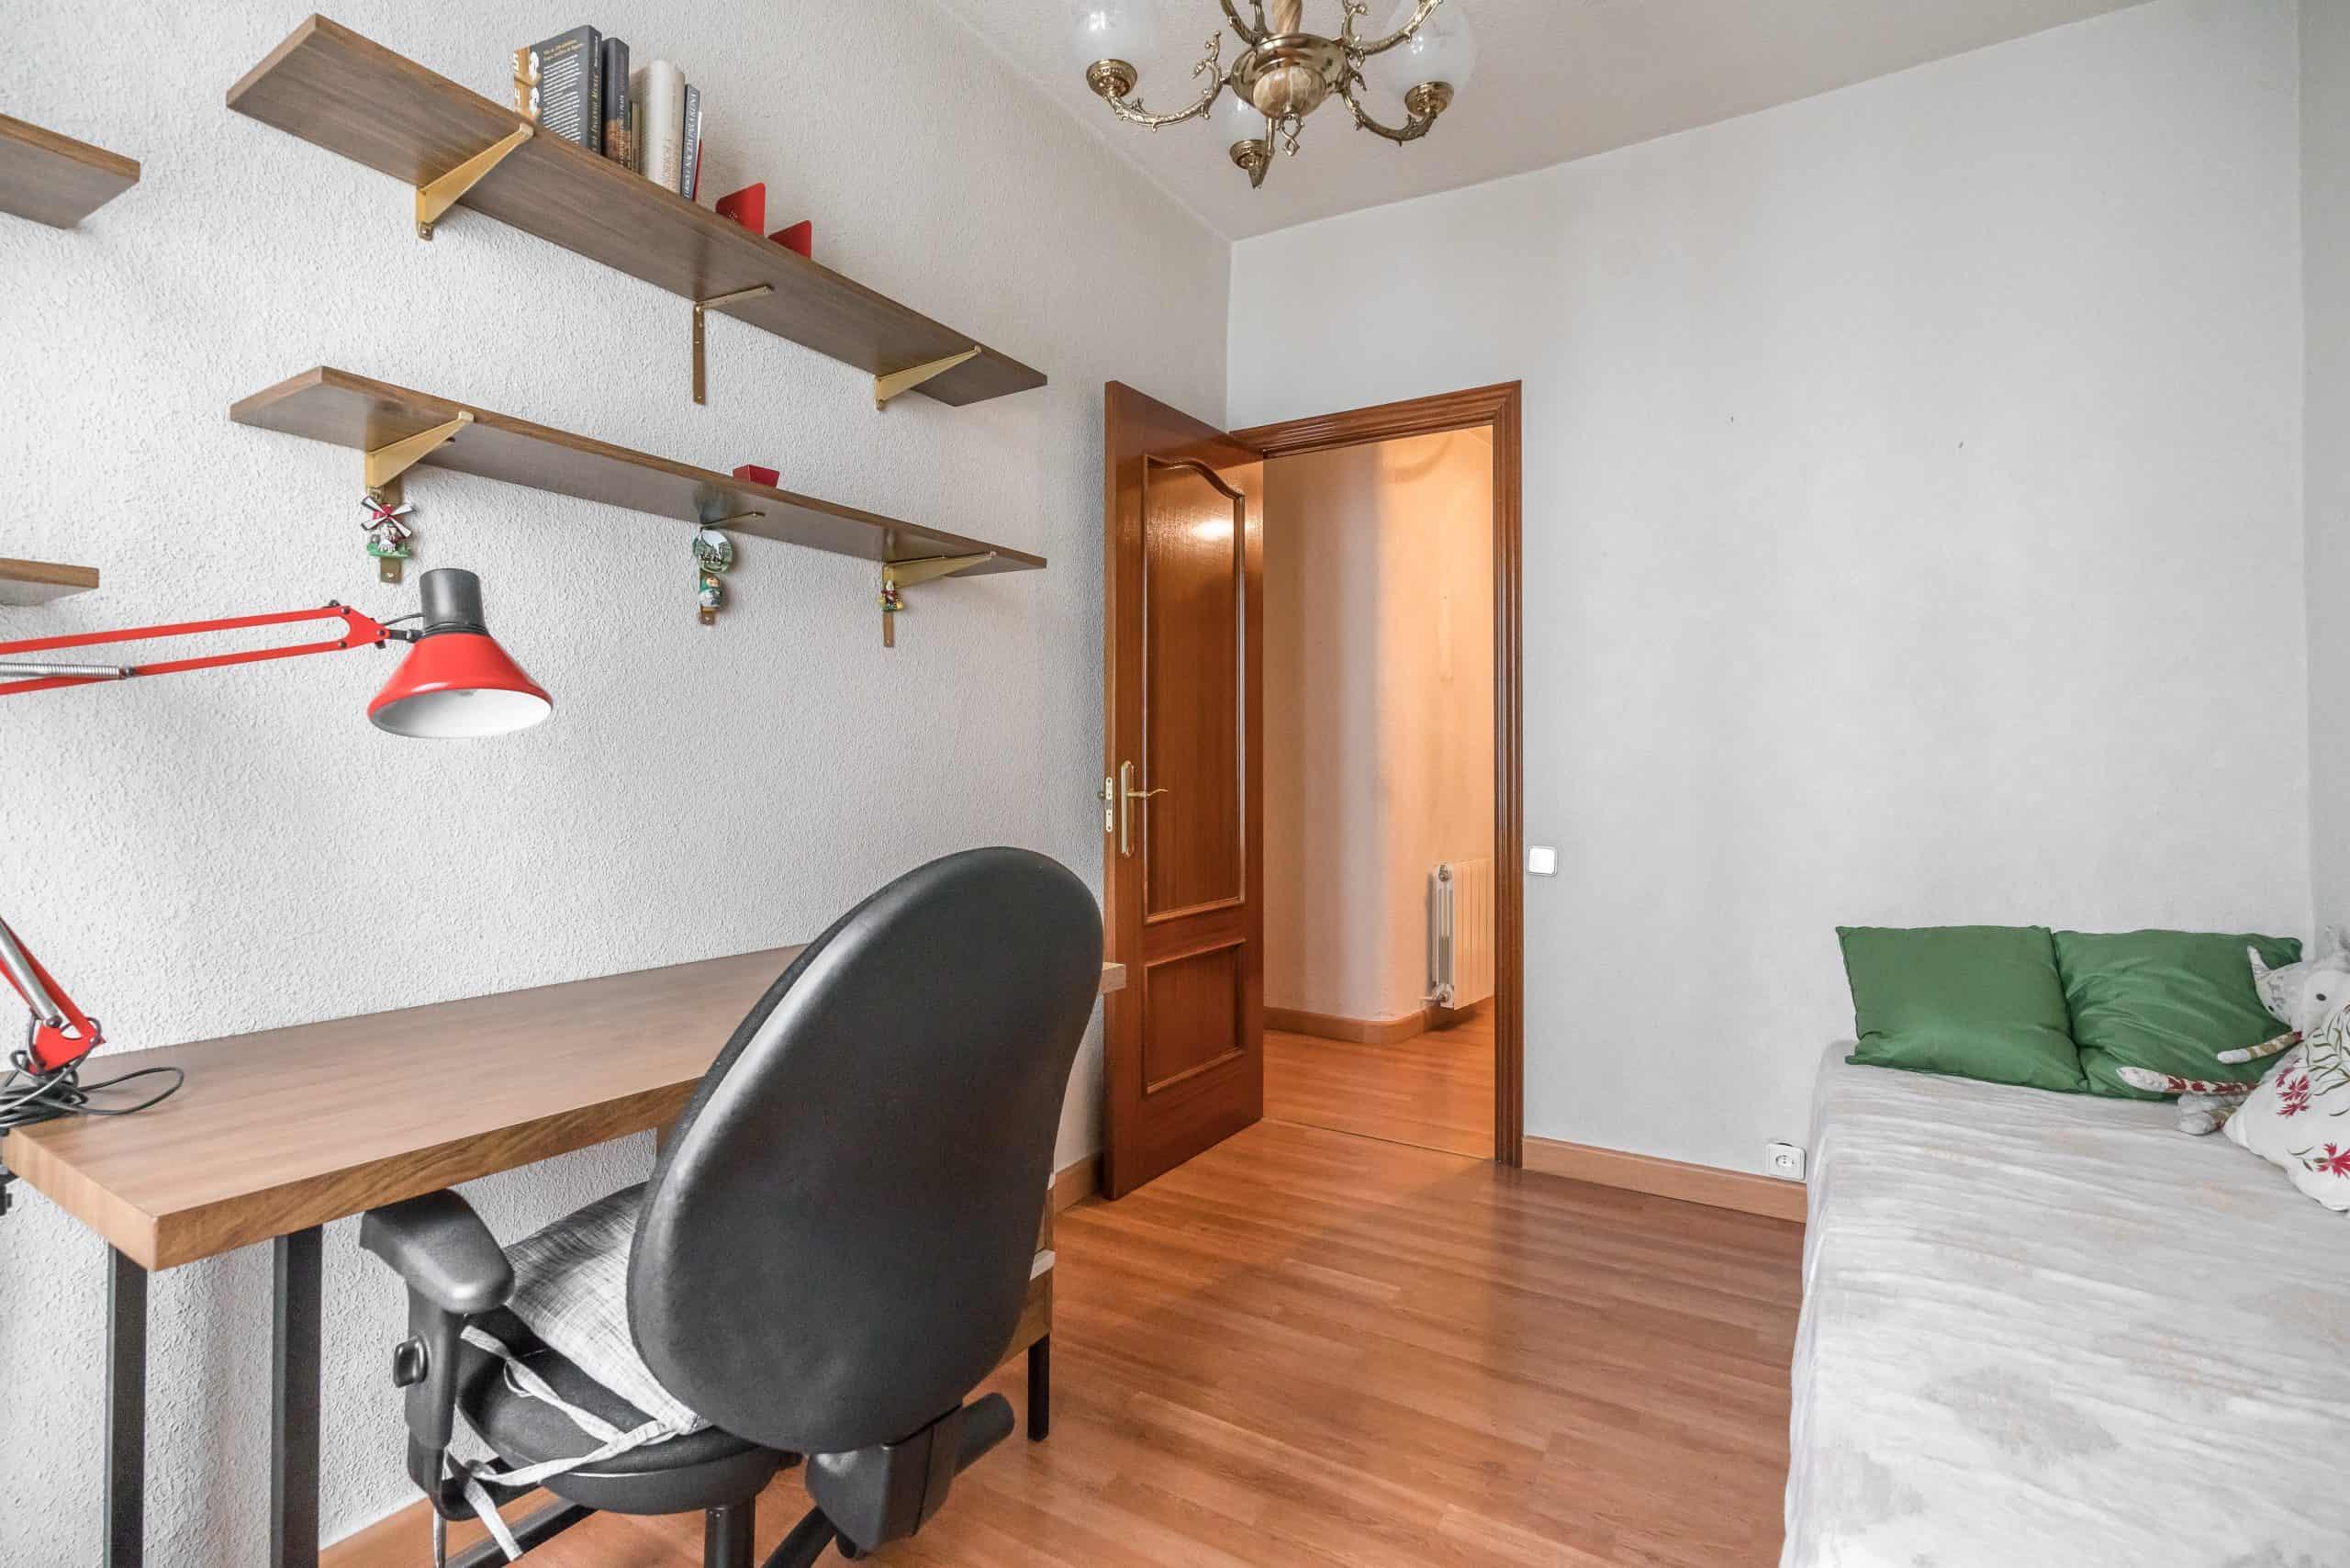 7 DORMITORIO4 (6) (Copy) Agencia Inmobiliaria de Madrid-FUTUROCASA-Zona ARGANZUELA-